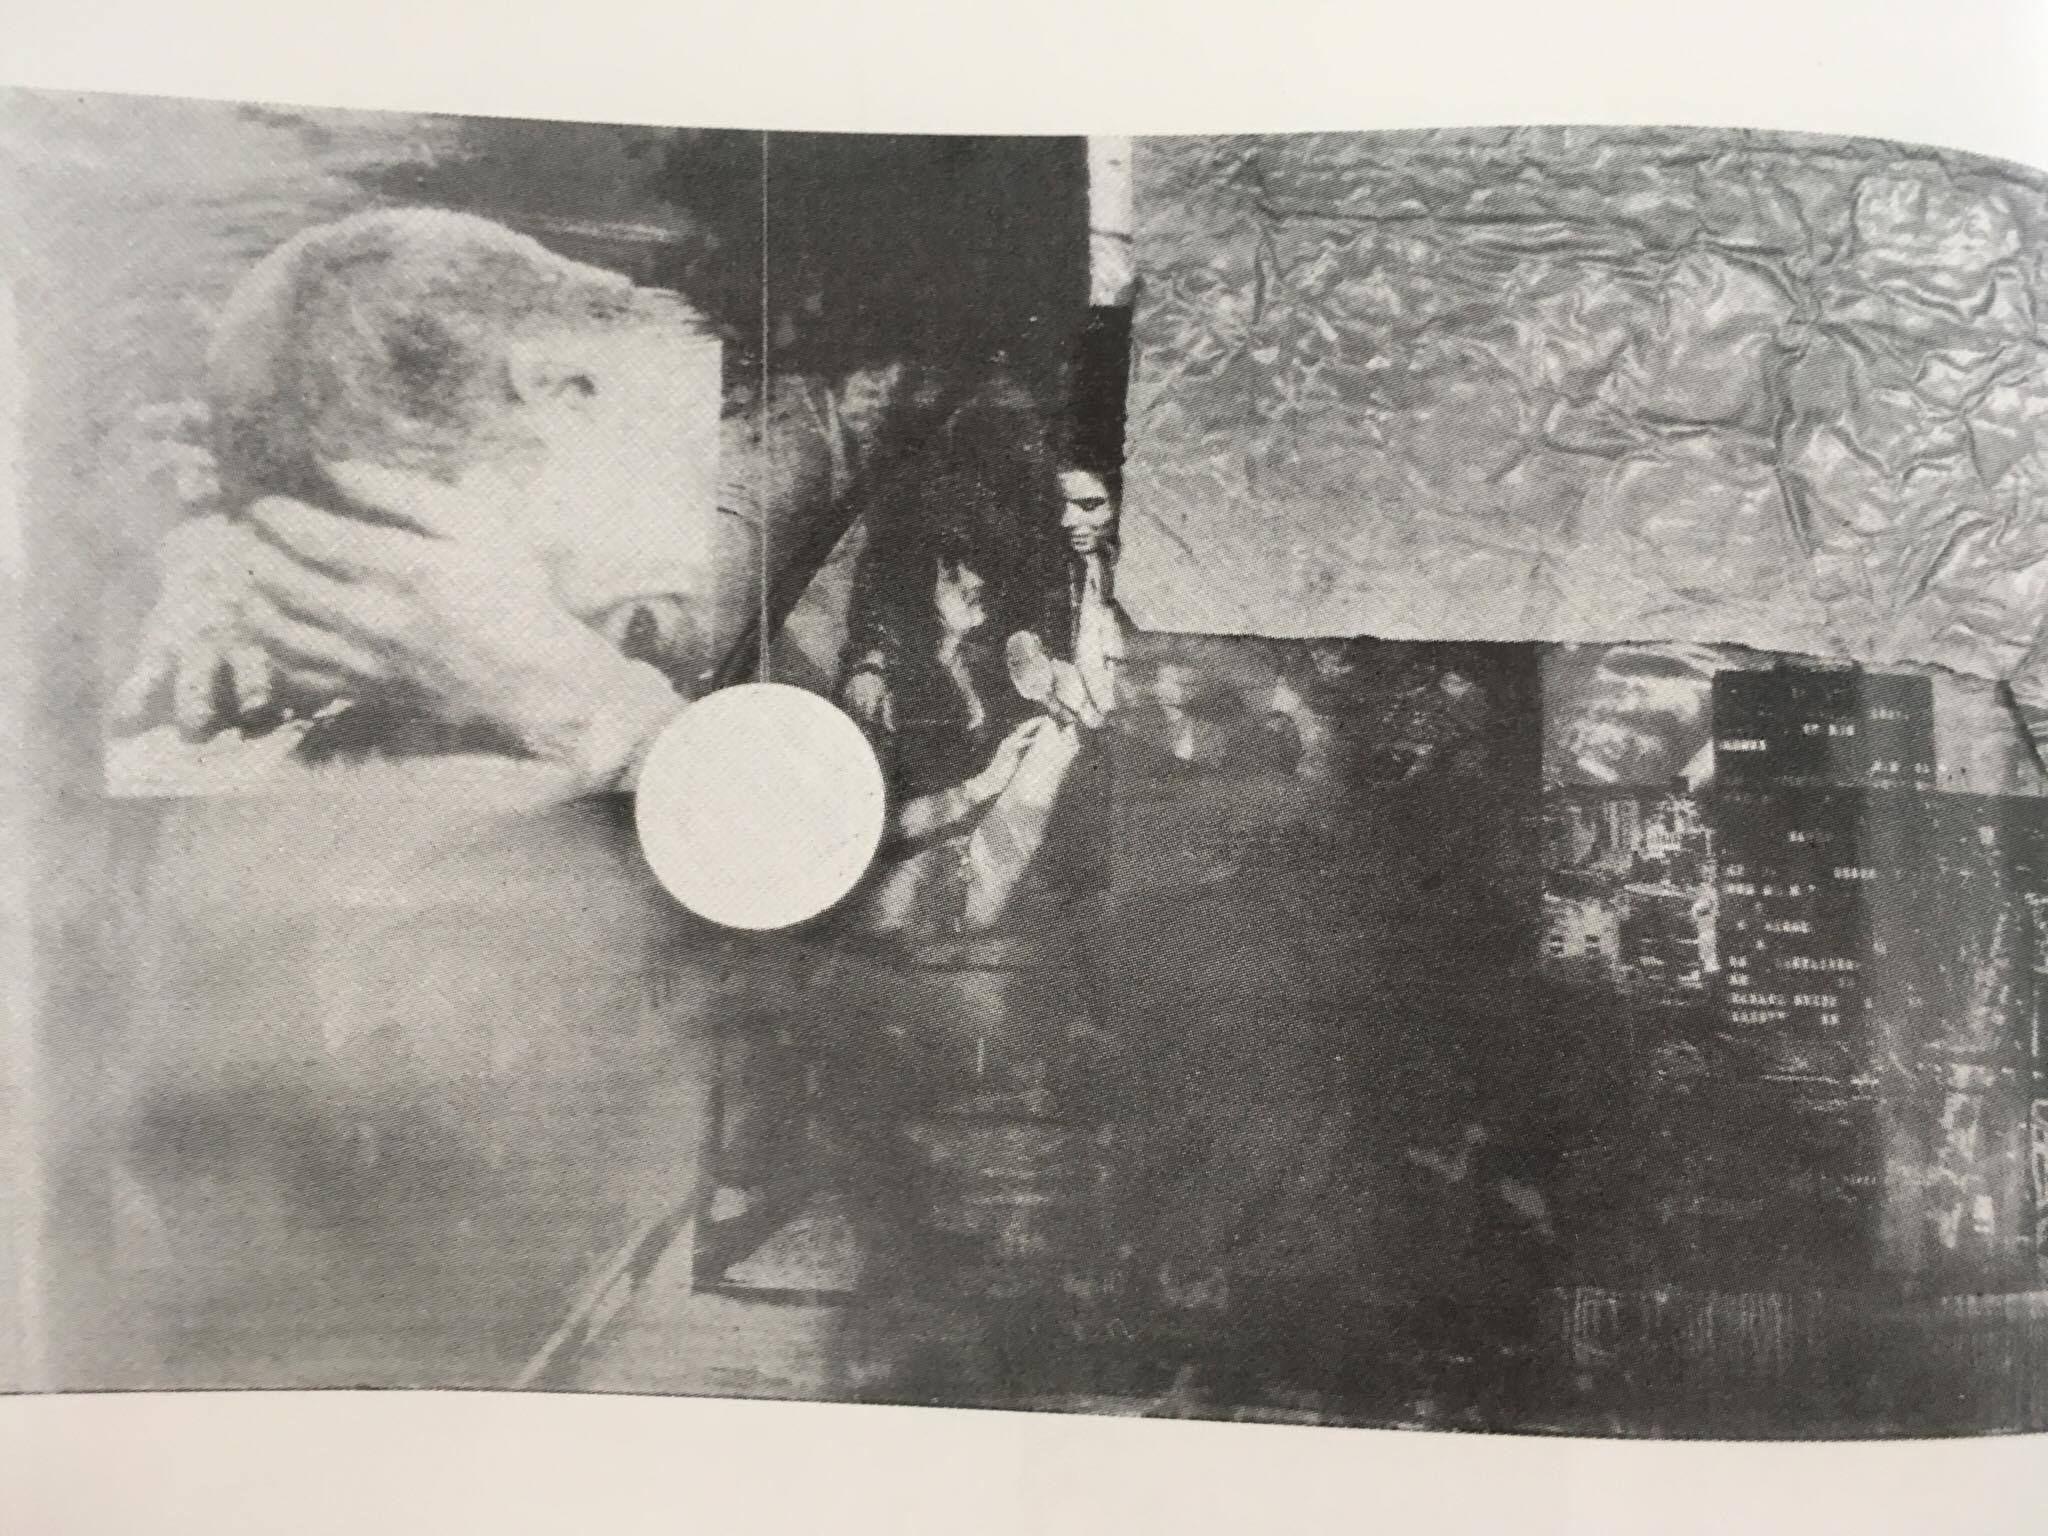 Wolf Vostell Berlin Feiber V 1973 Konst